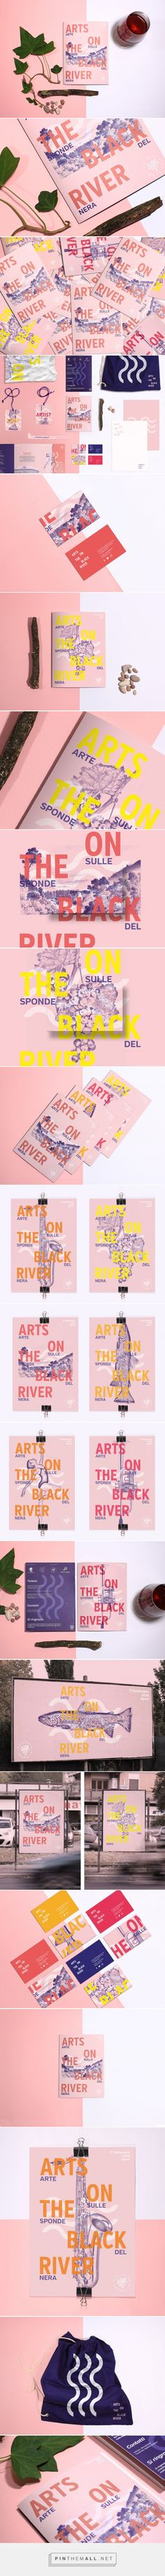 Arts on The Black River Festival Branding by Bocanegra Studio | Fivestar Branding – Design and Branding Agency & Inspiration Gallery